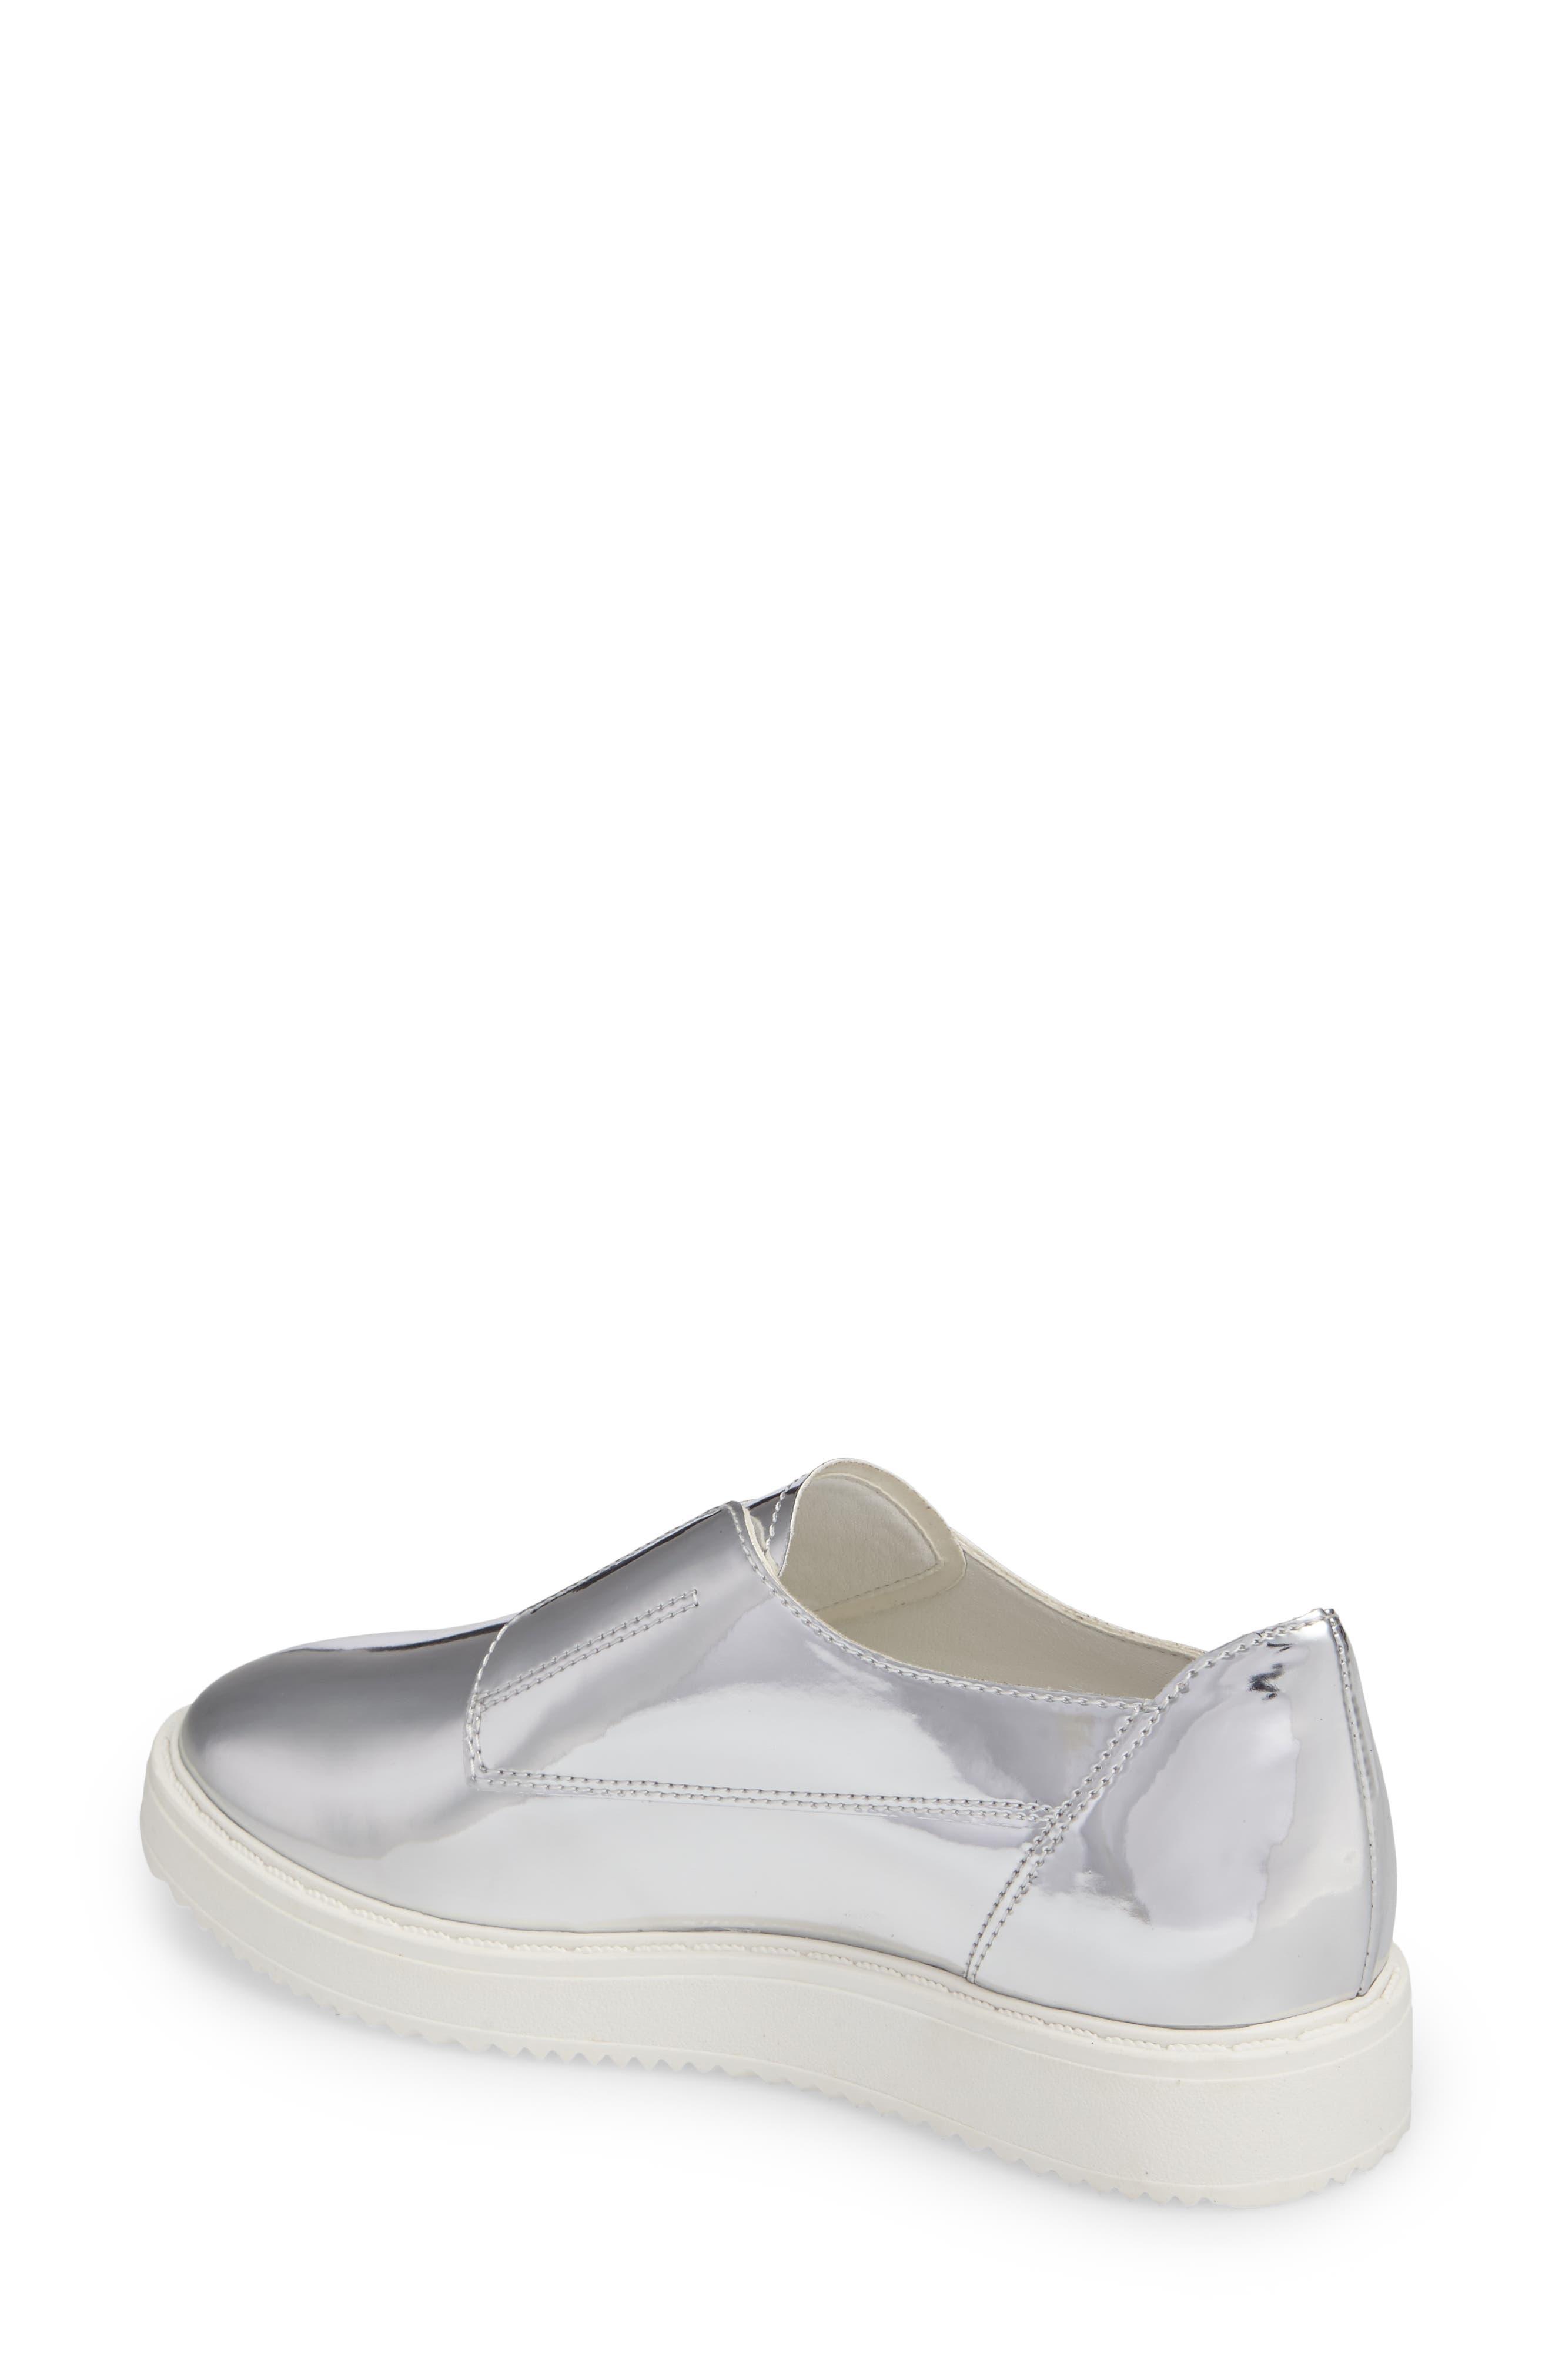 Trist Slip-On Metallic Sneaker,                             Alternate thumbnail 2, color,                             045